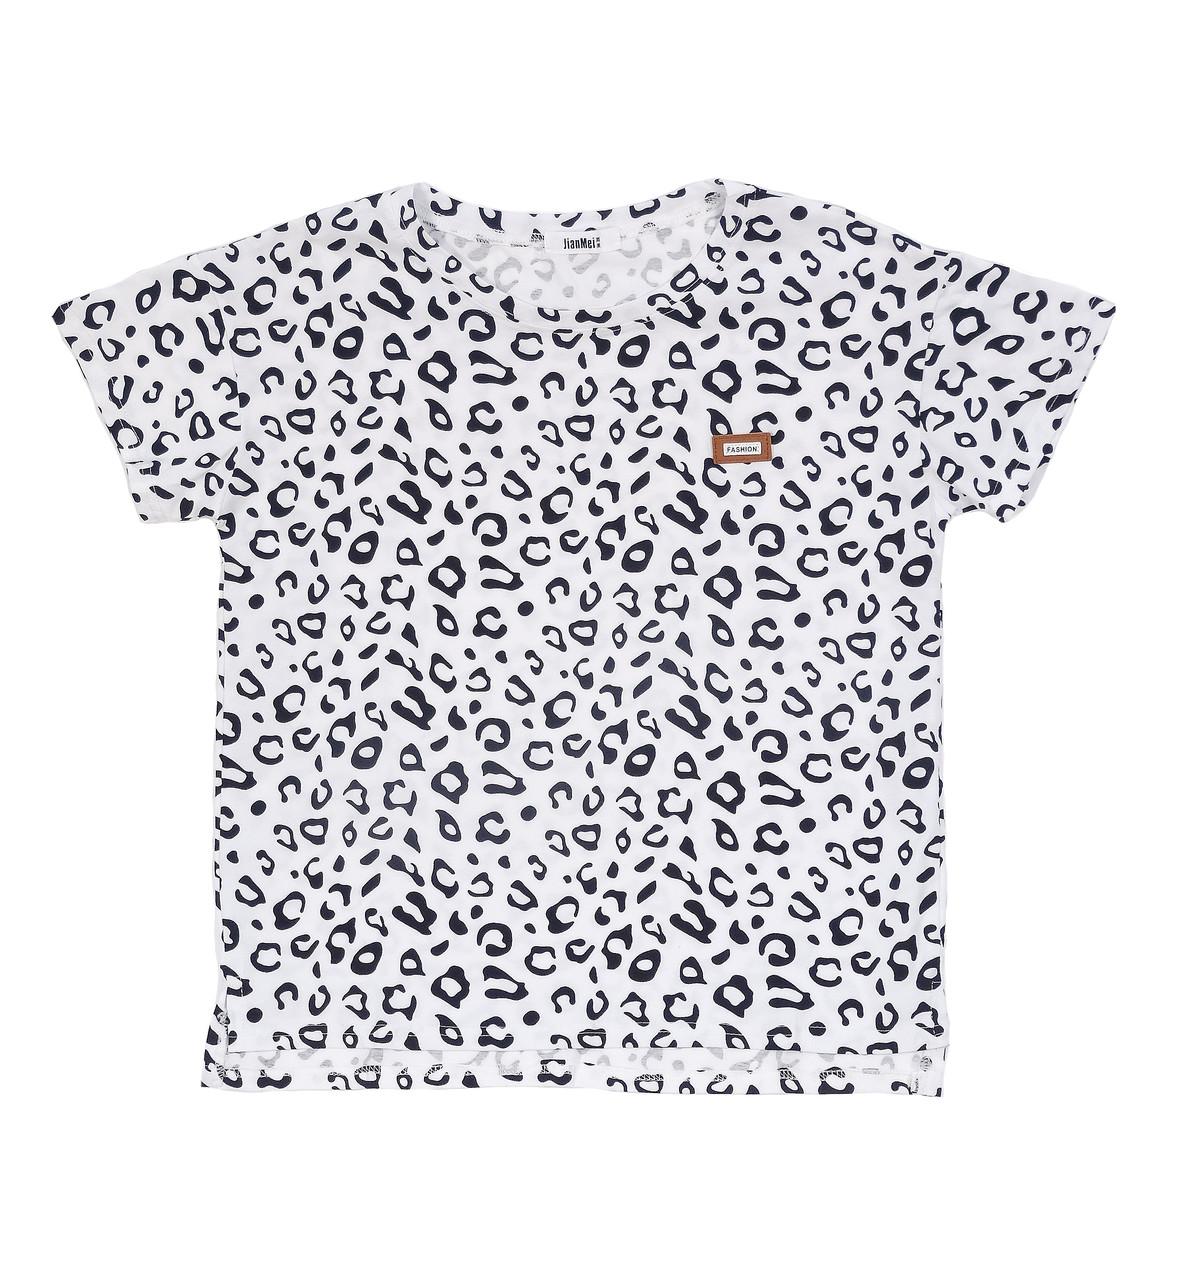 Леопардовая хлопковая женская футболка (46-48)